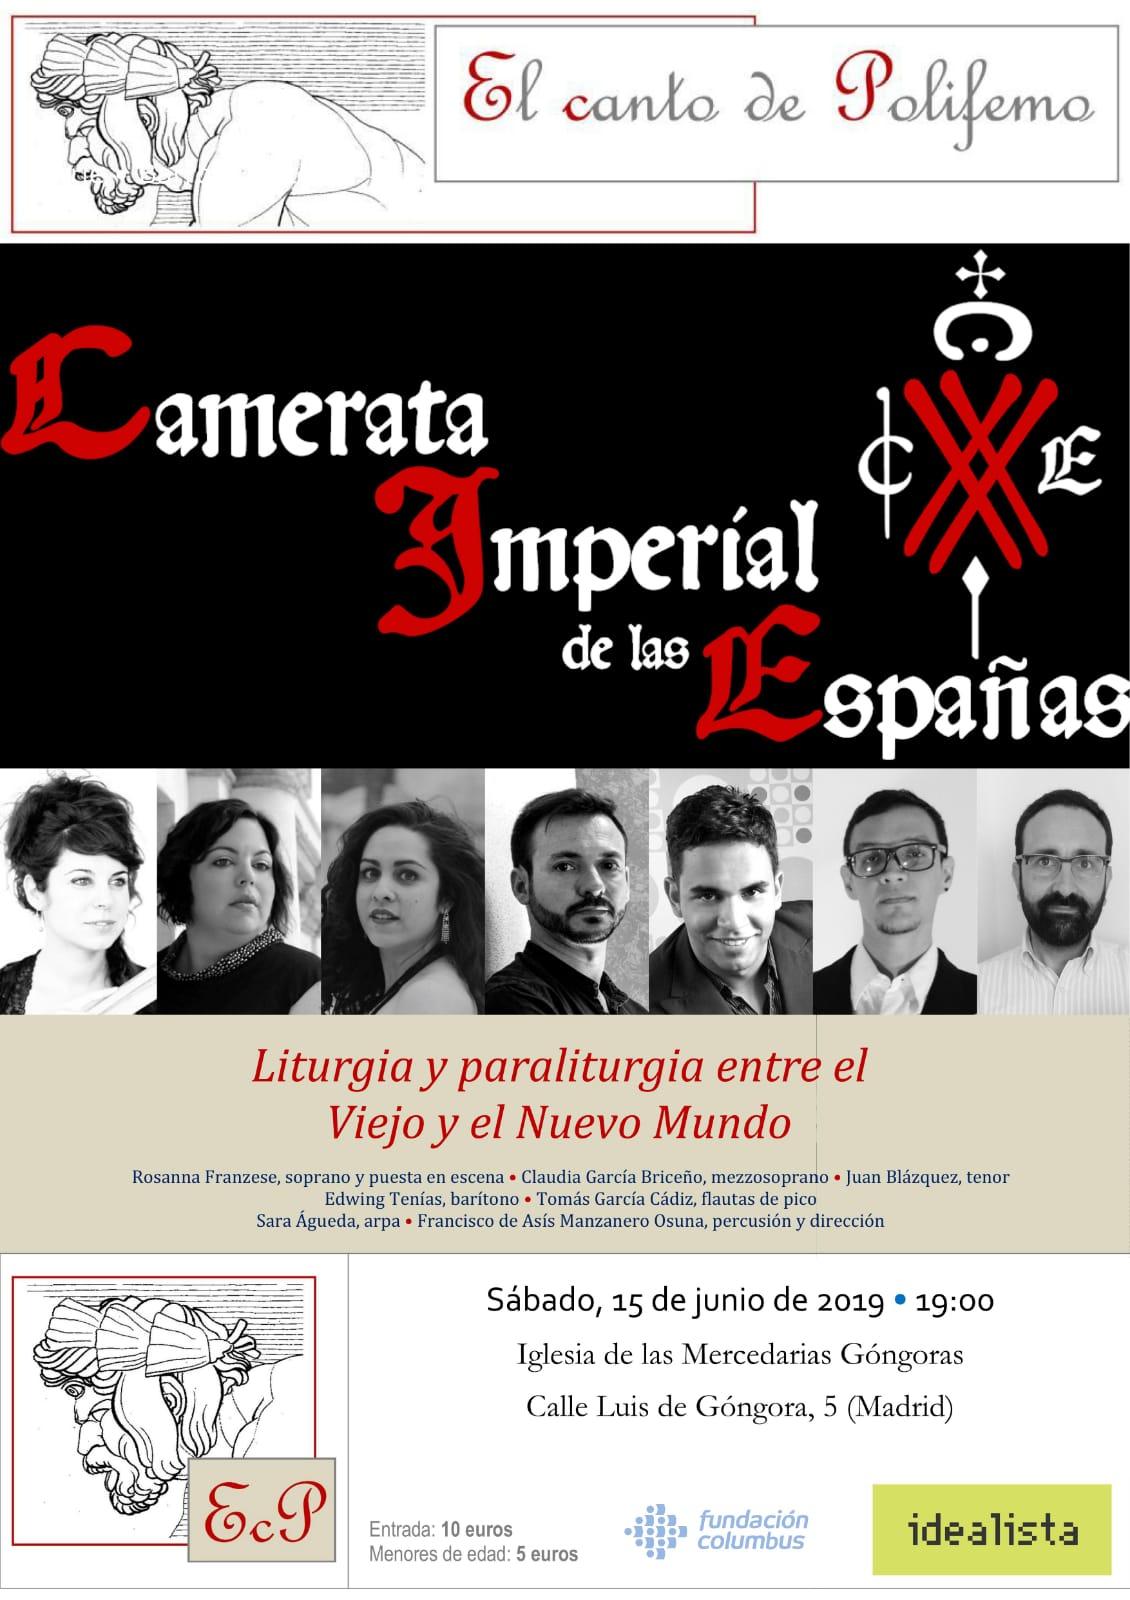 Cartel del estreno de la obra De Francisco Hernández Illana.